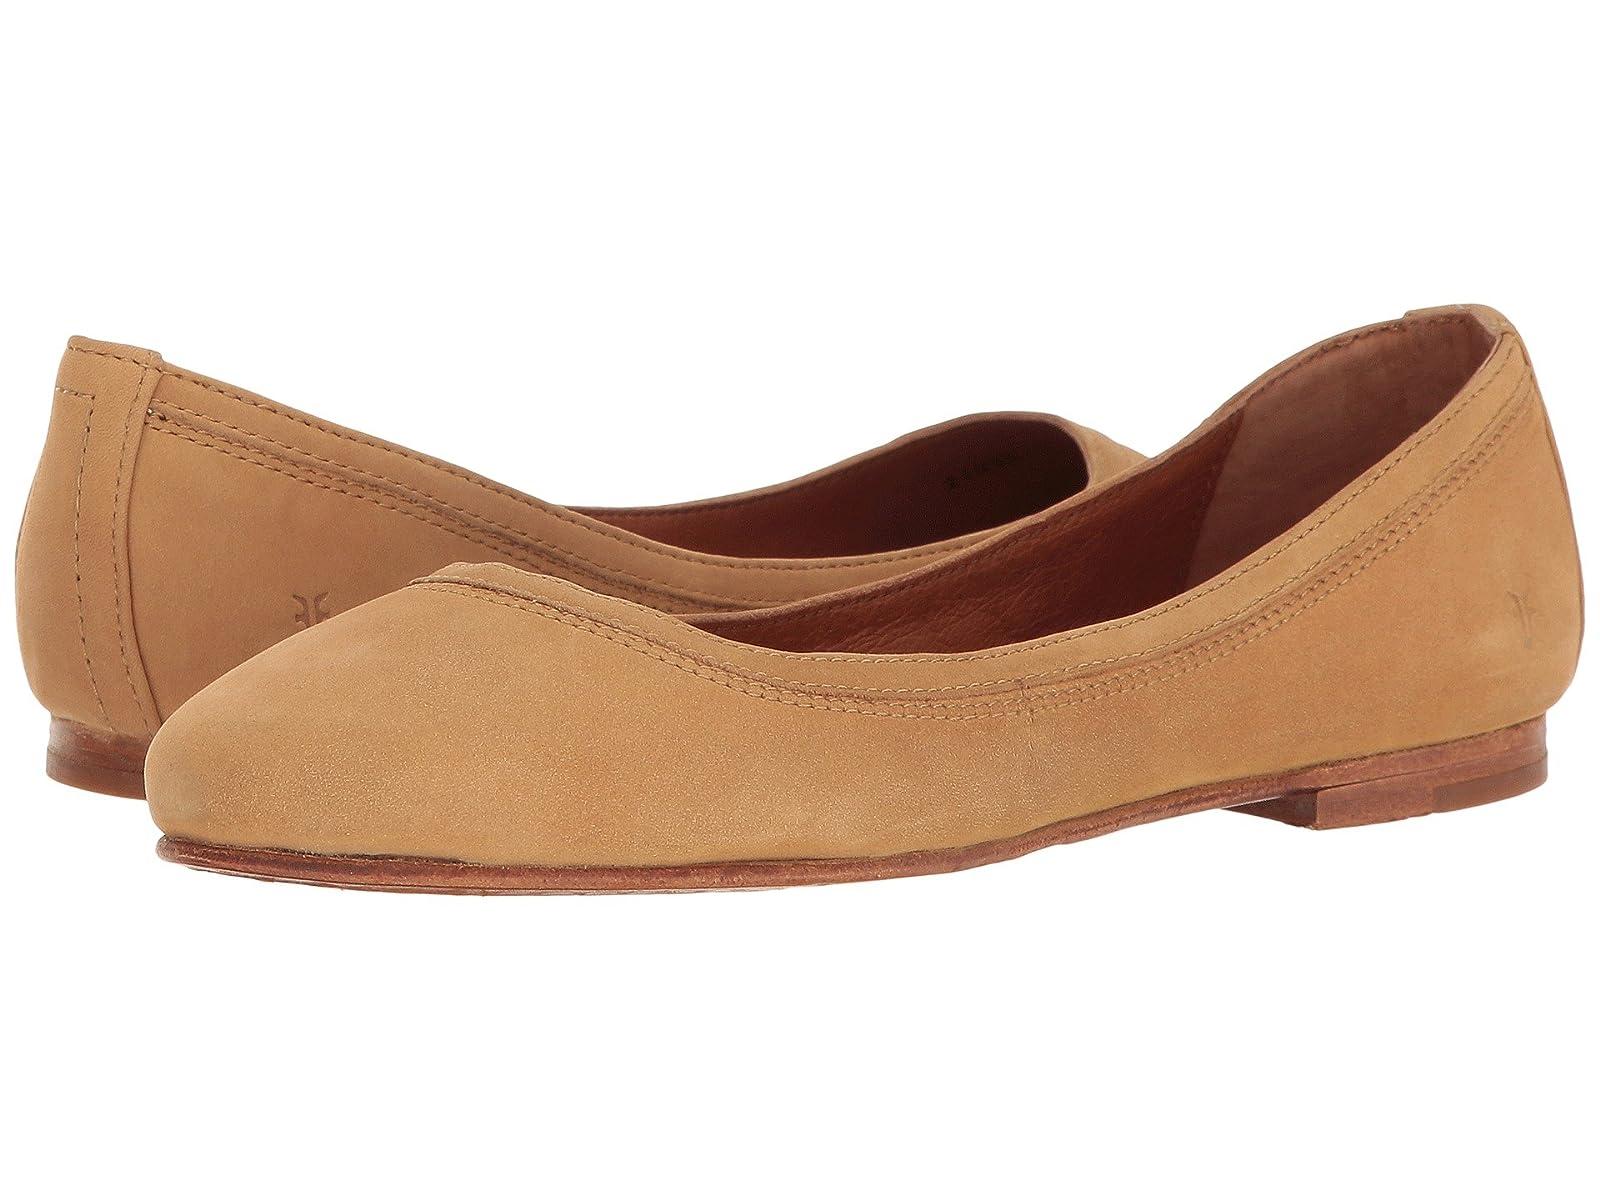 Frye Carson BalletCheap and distinctive eye-catching shoes